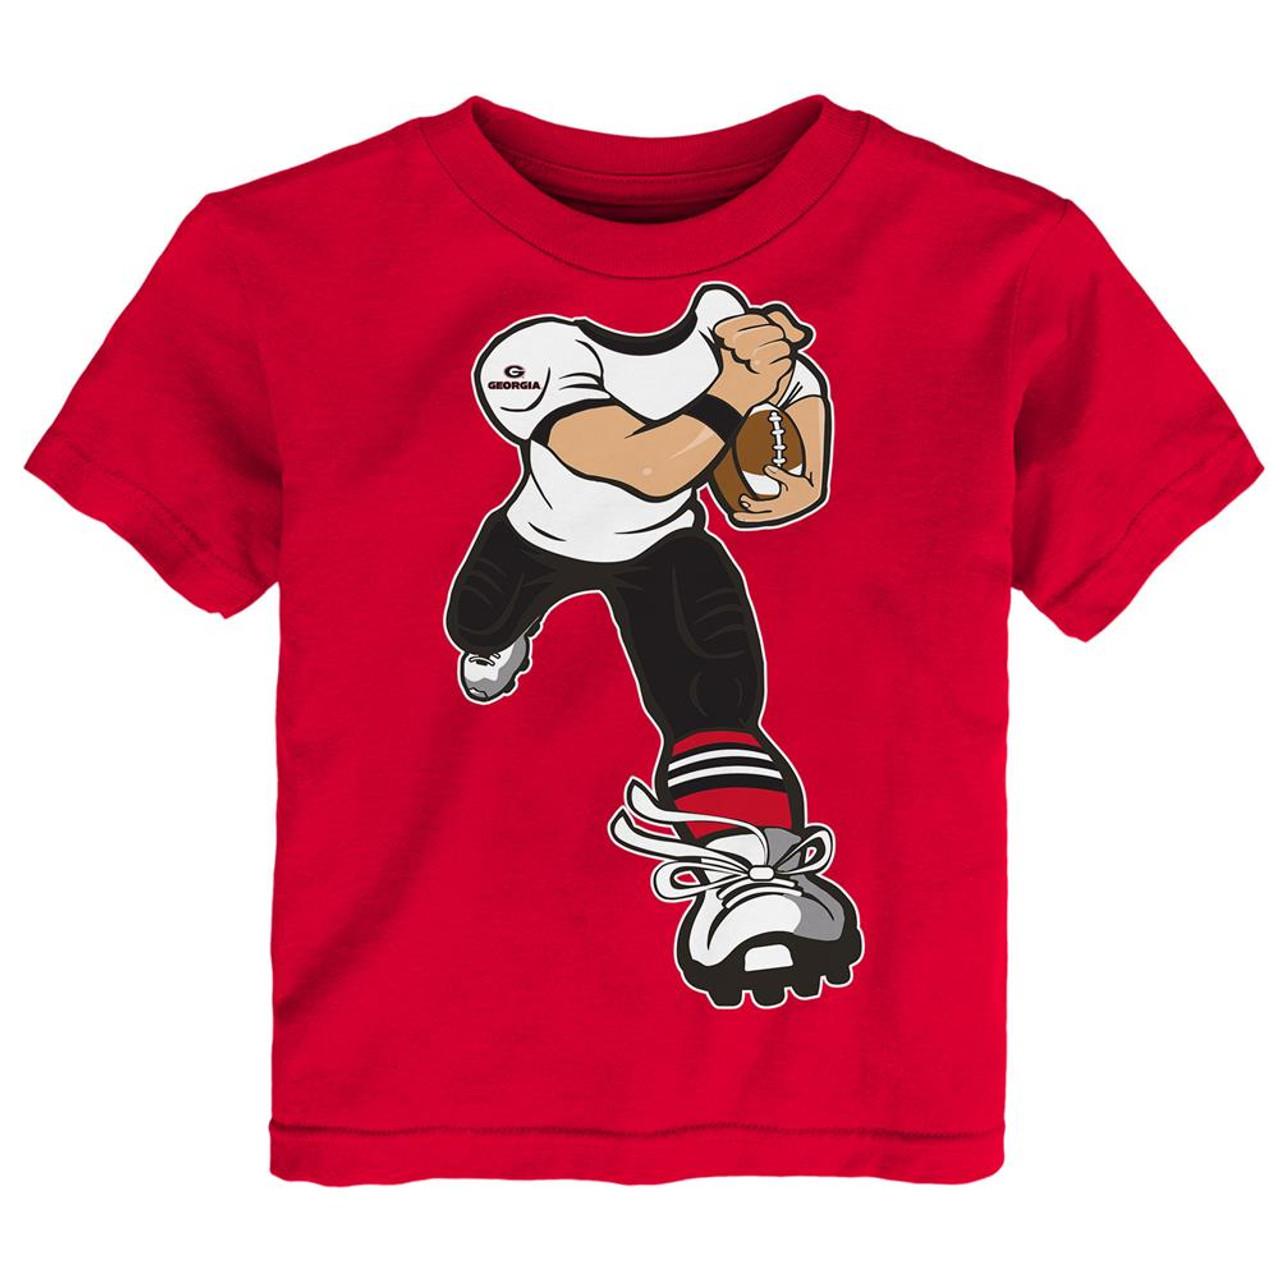 Toddler Georgia Bulldogs UGA Tee Yard Rush Toddler T-Shirt